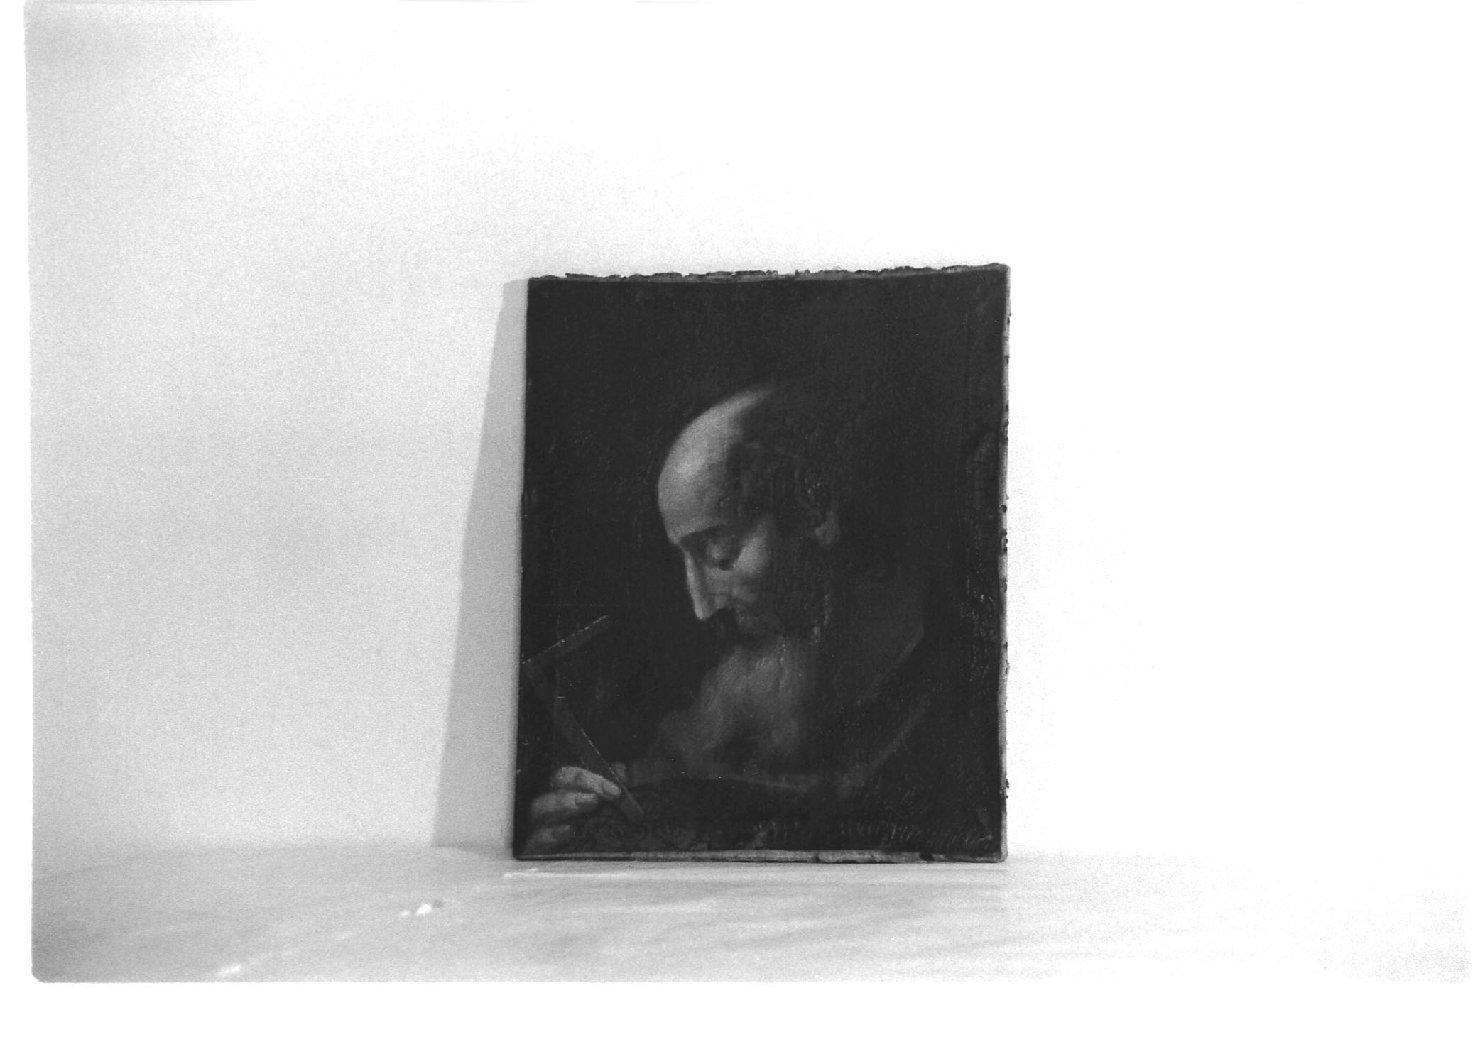 ritratto di filosofo (dipinto, opera isolata) di Piazzetta Giovanni Battista (scuola) (seconda metà sec. XVIII)